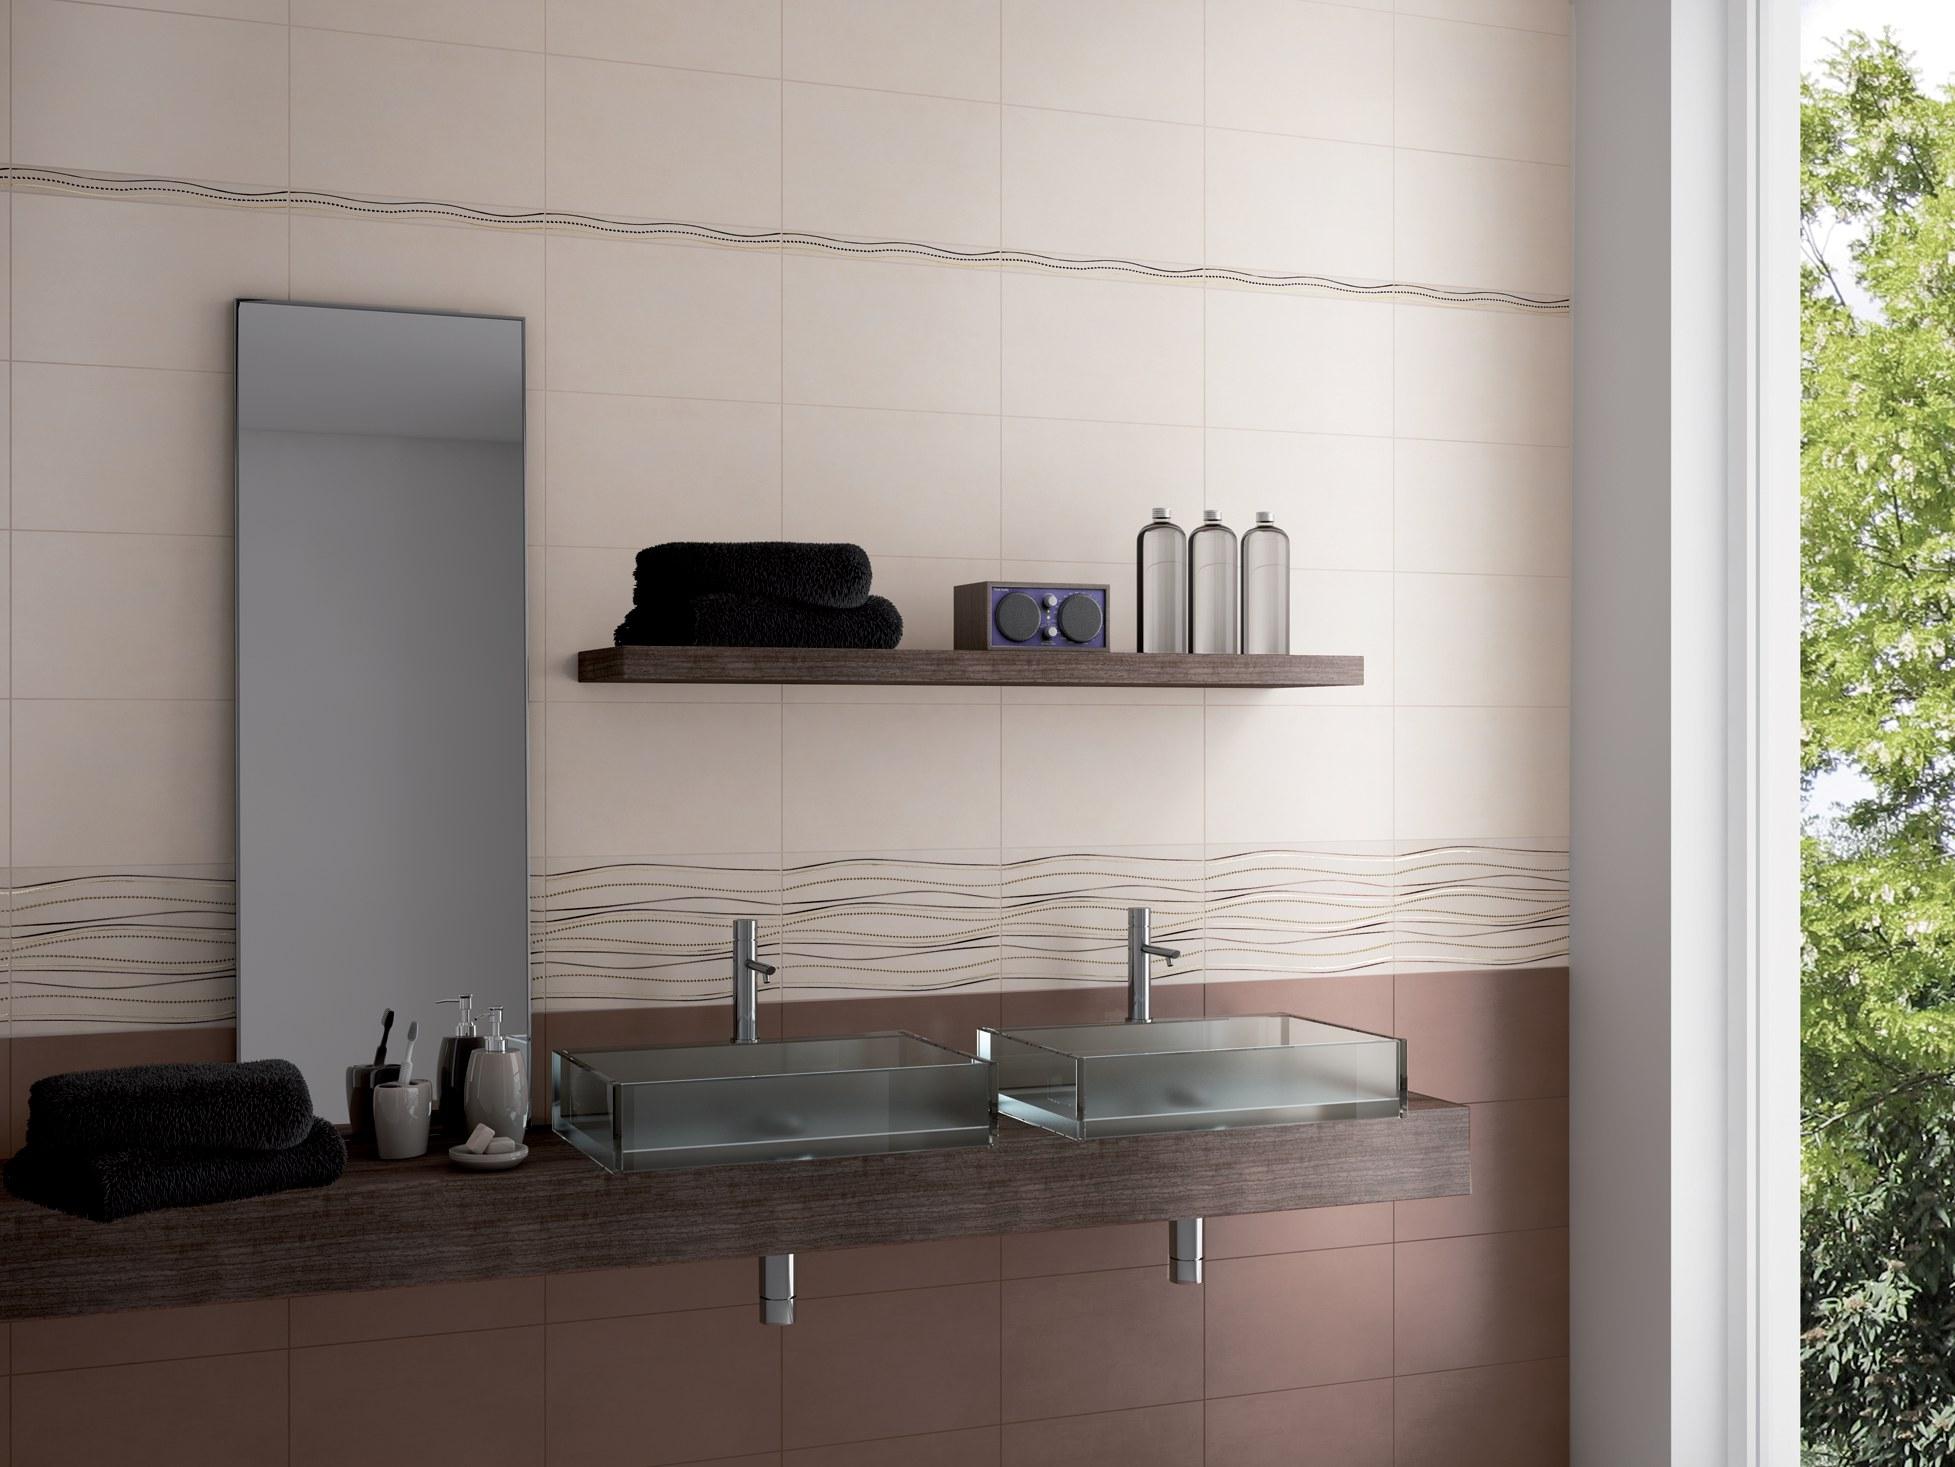 Rivestimenti Bagno Ultima Moda : Serie focus pavimenti e rivestimenti moda